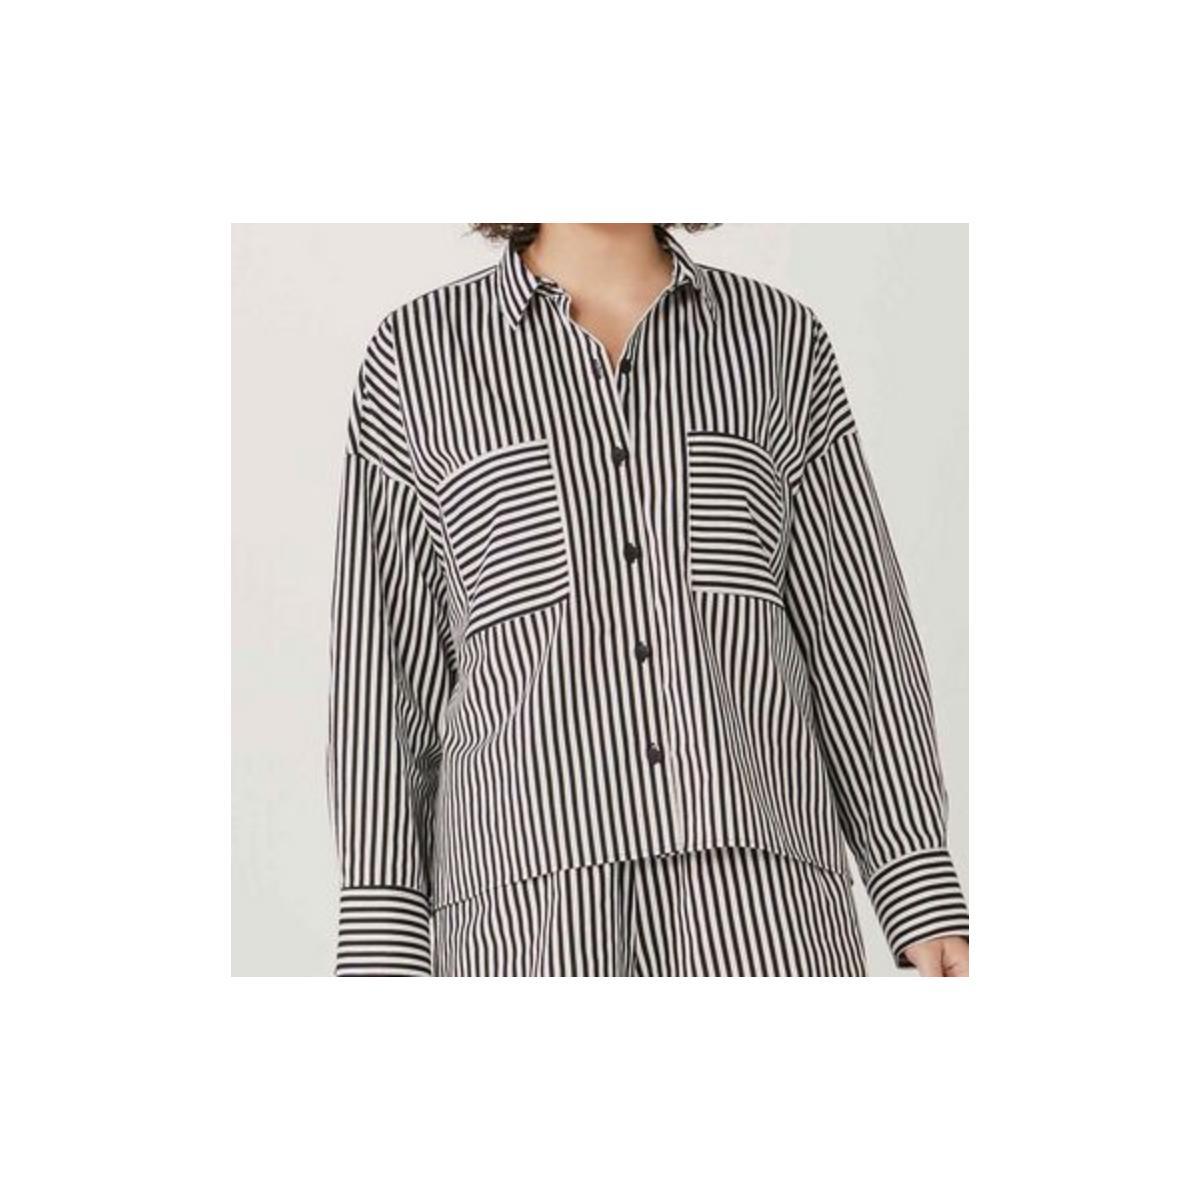 Camisa Feminina Hering Hf1e 1aen Preto/branco